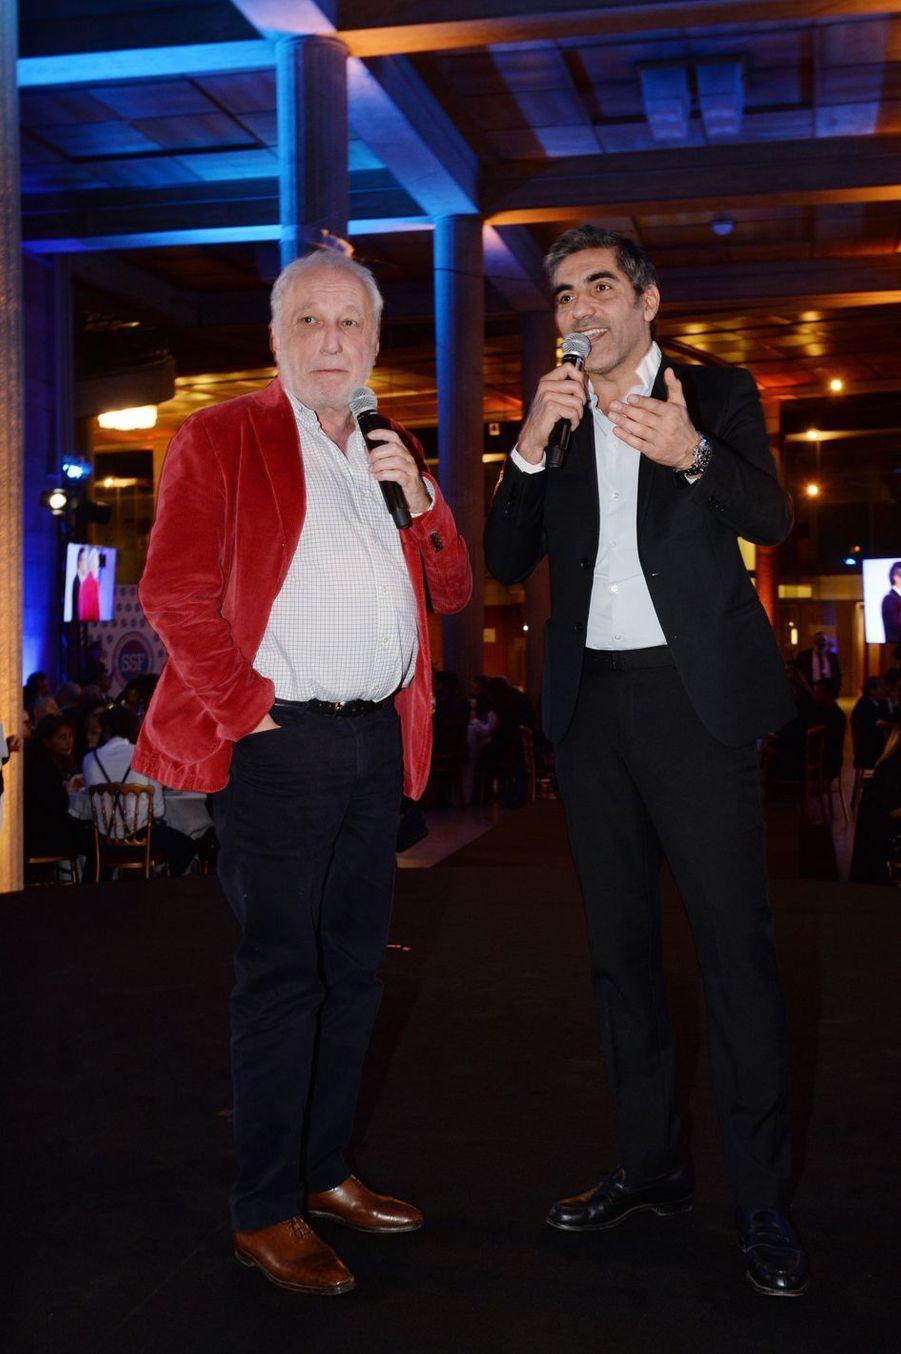 """François Berléand et Ary Abittanà la 9ème édition du gala de l'association """"Sauveteurs Sans Frontières"""" au palais d'Iéna à Paris le 25 mars 2019"""